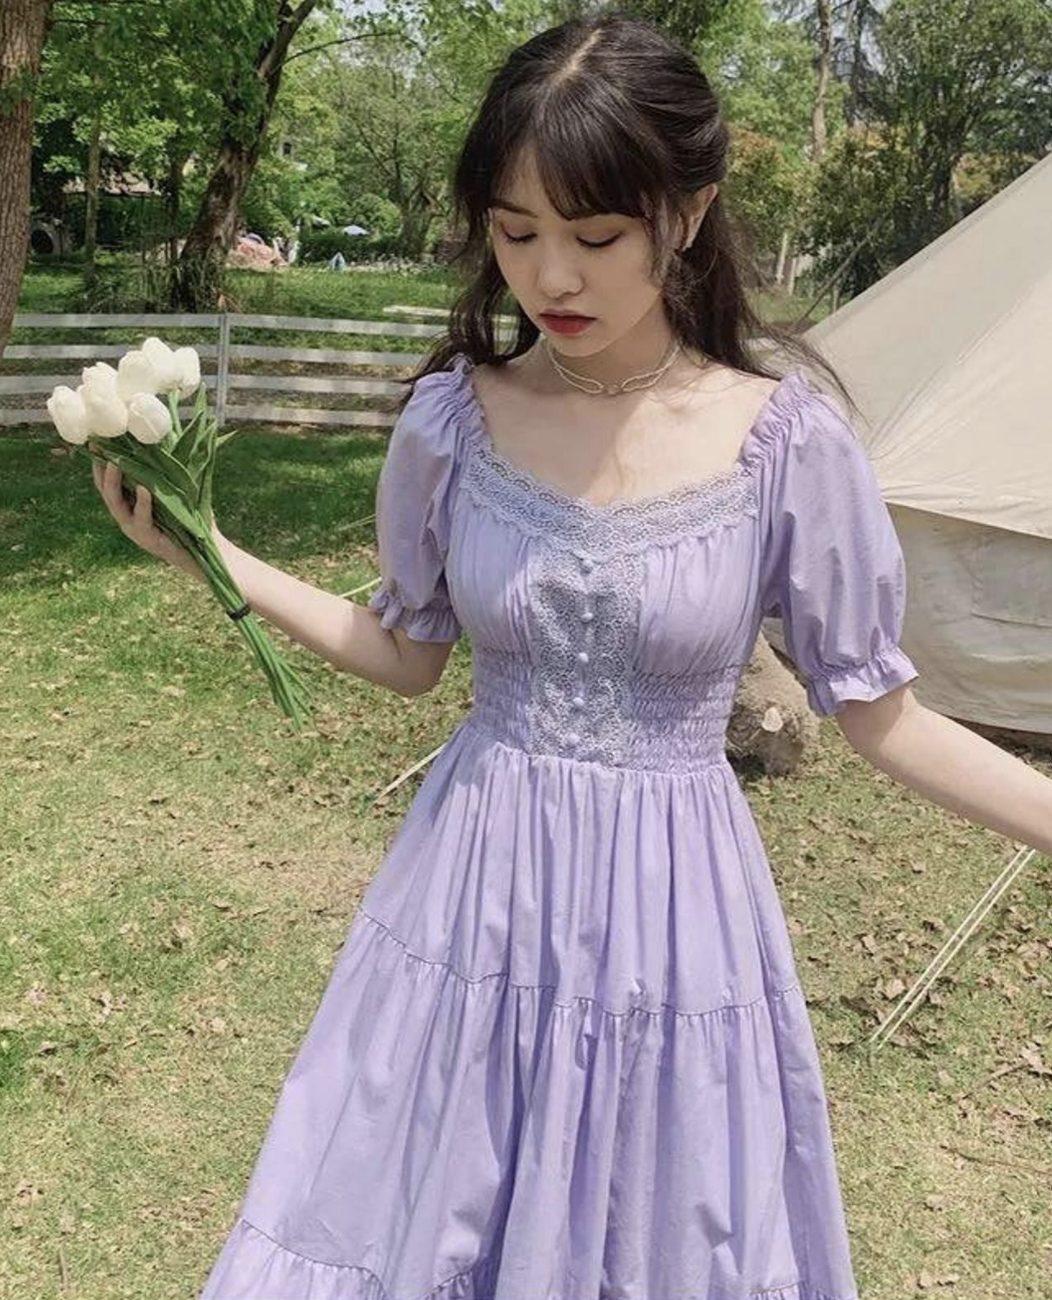 Purple cottagecore dresses